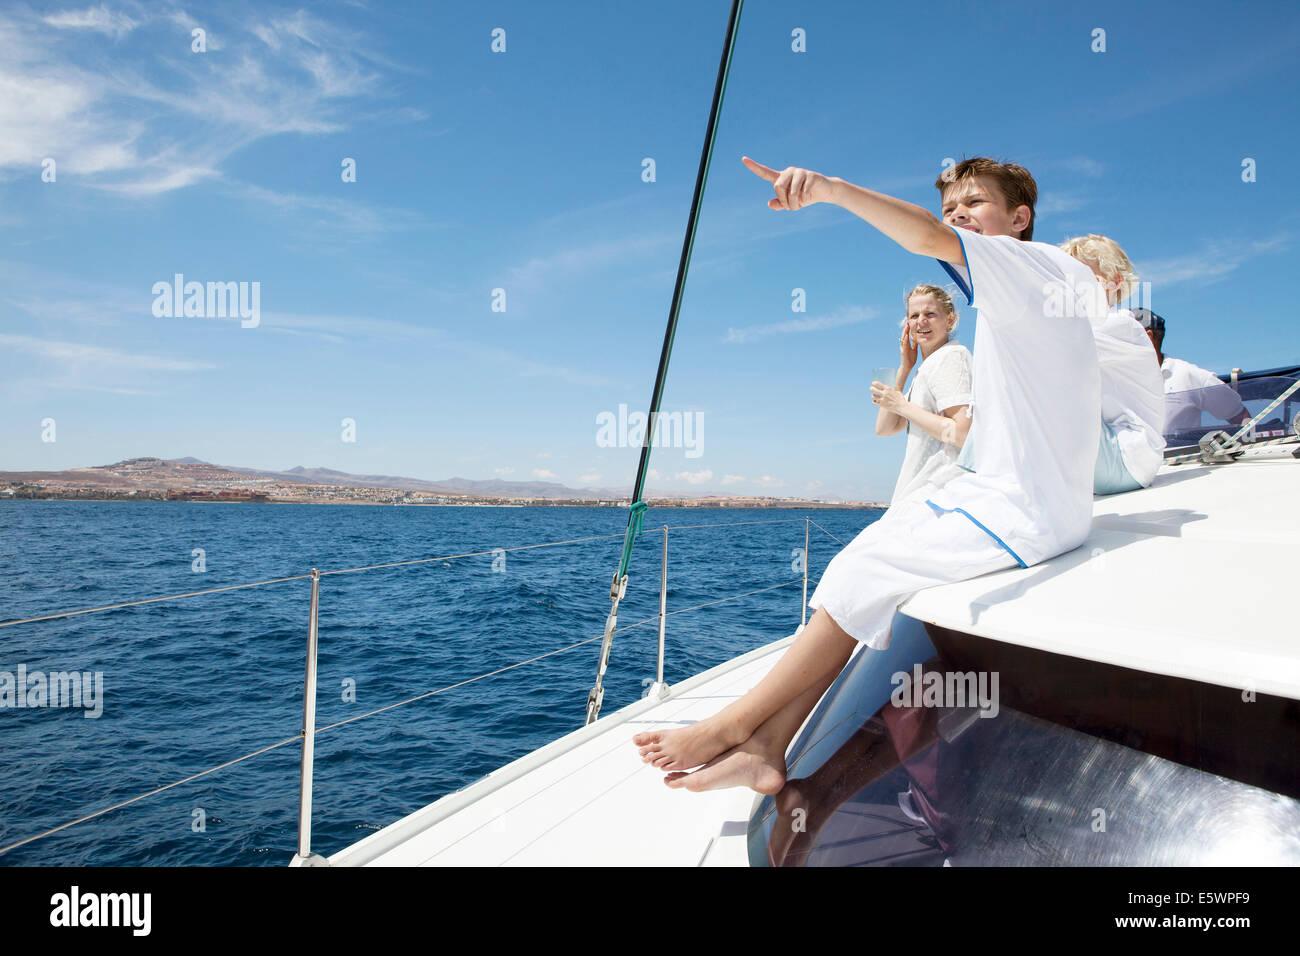 Los padres y tres hijos de vela en catamarán, cerca de Fuerteventura, ESPAÑA Imagen De Stock